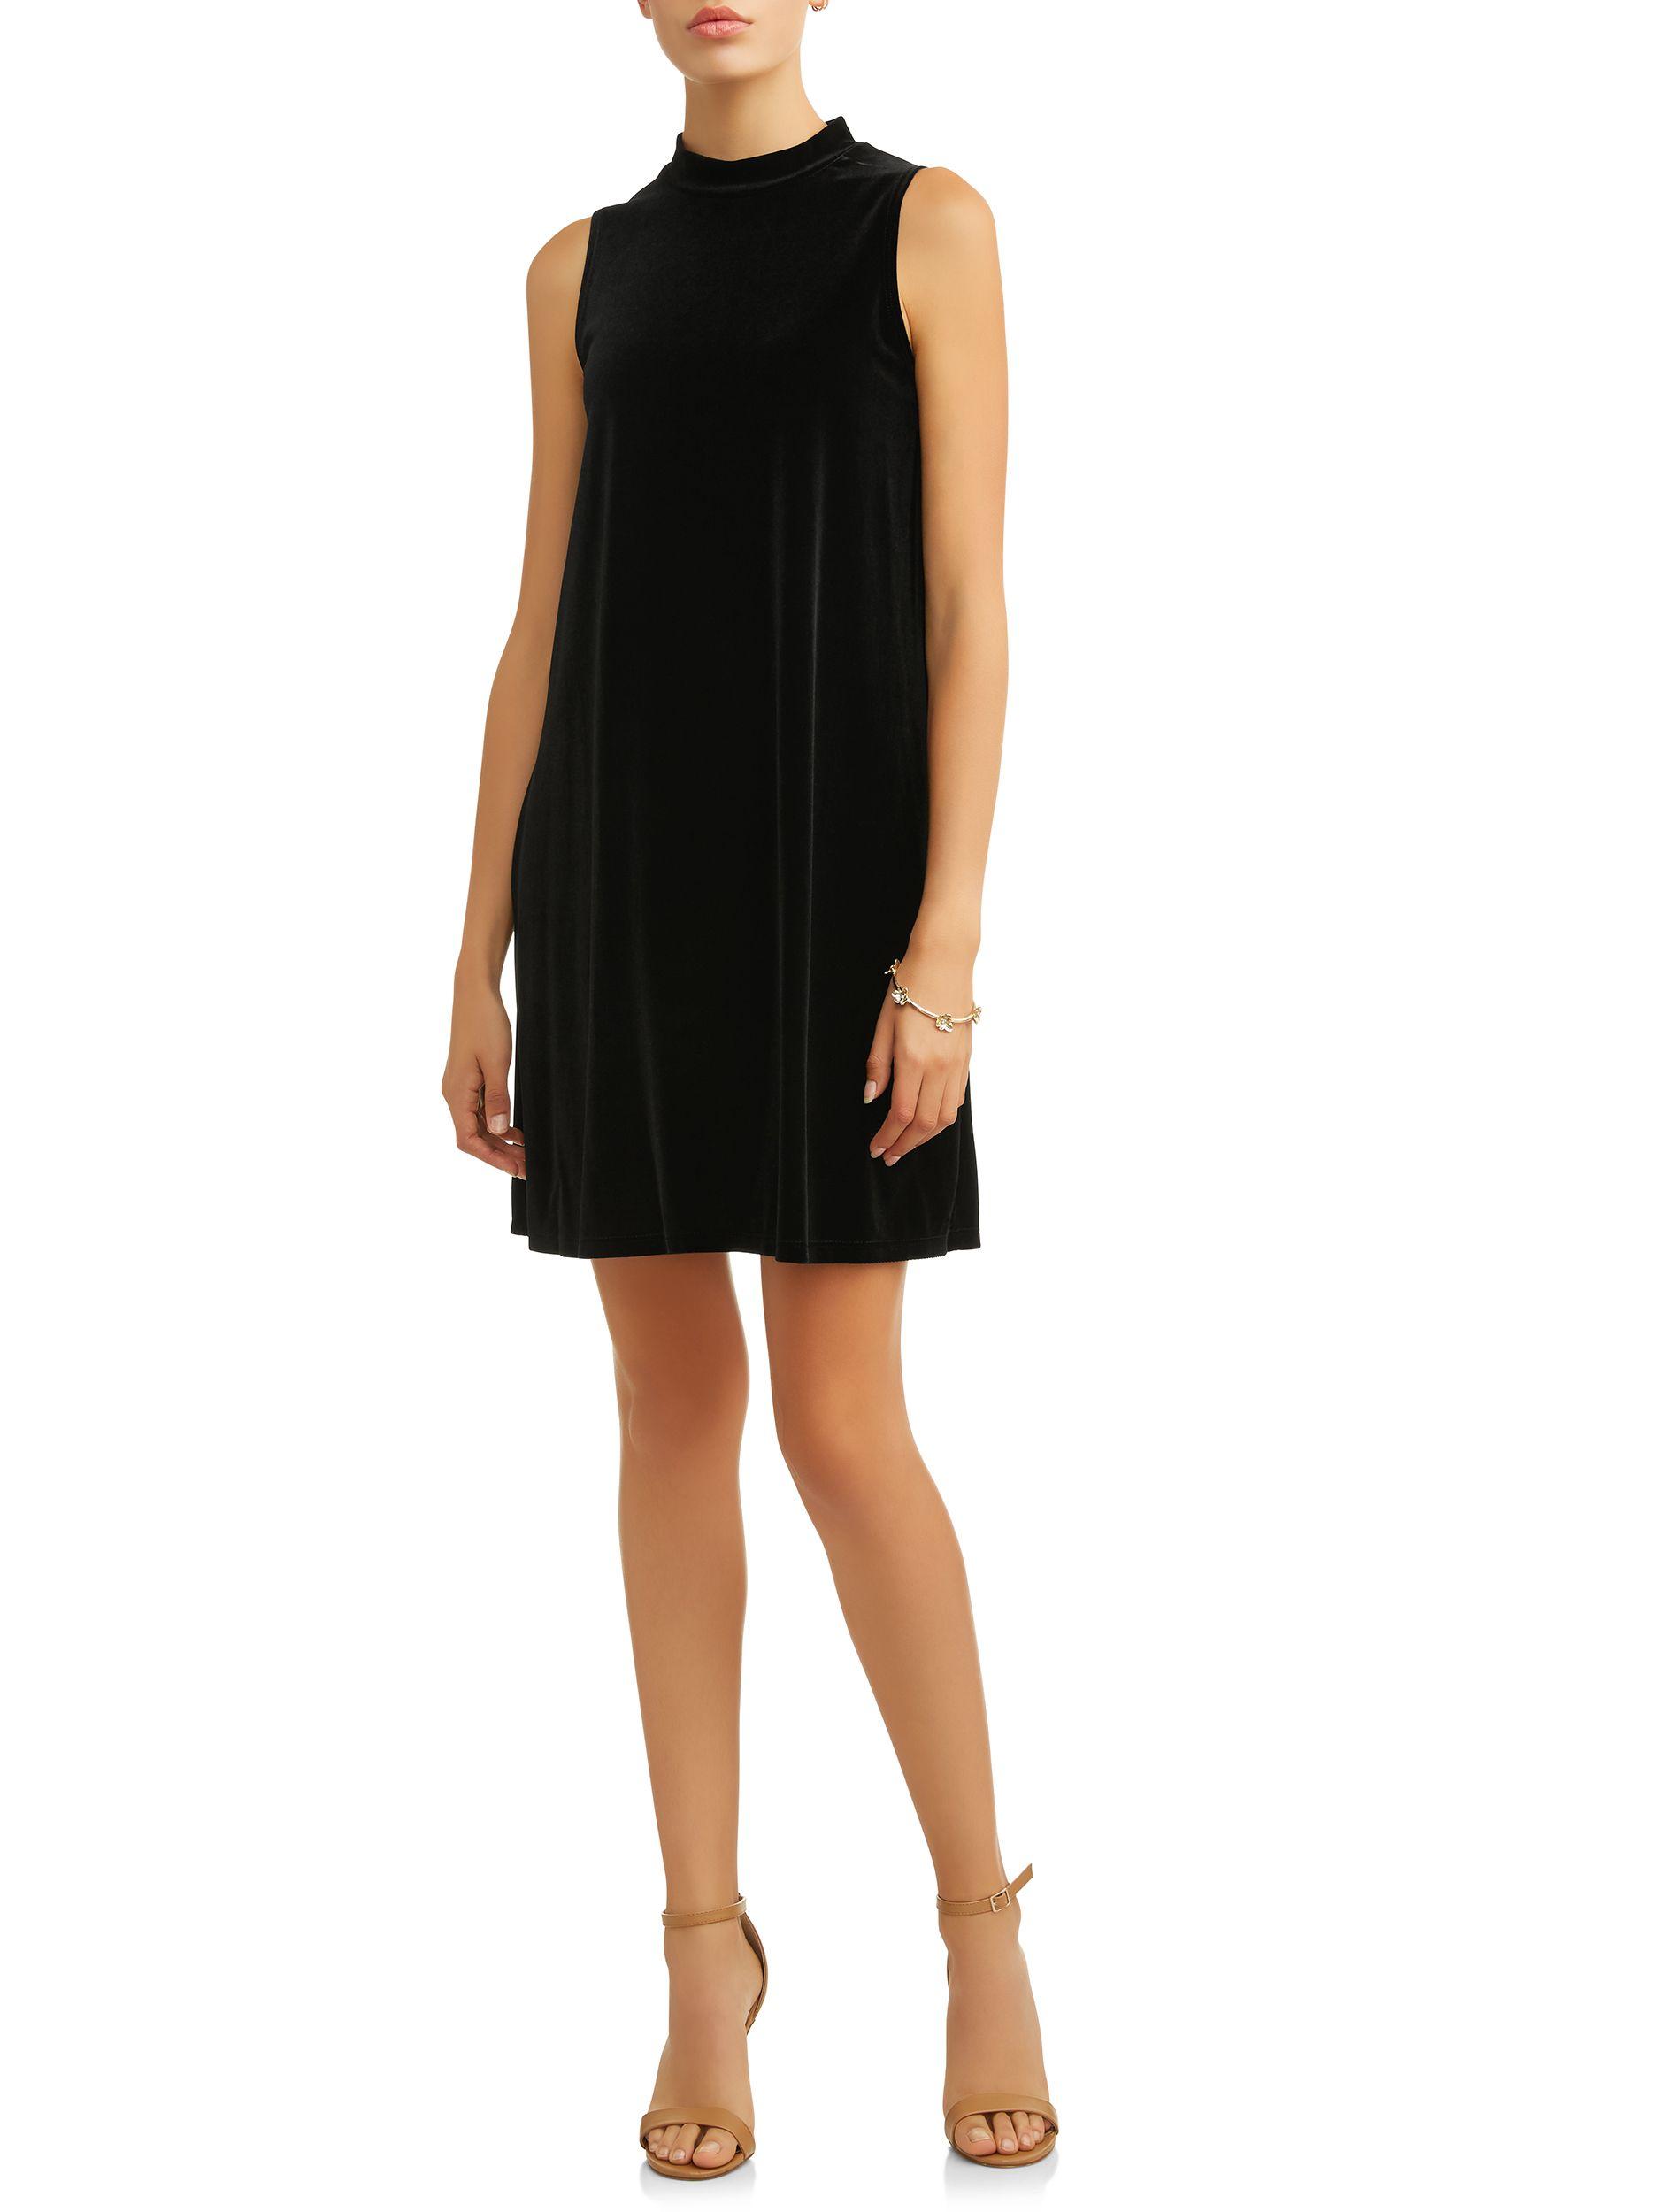 Mik Women S Sleeveless Velvet A Line Dress Walmart Com A Line Dress Dresses Velvet Shift Dress [ 2500 x 1875 Pixel ]